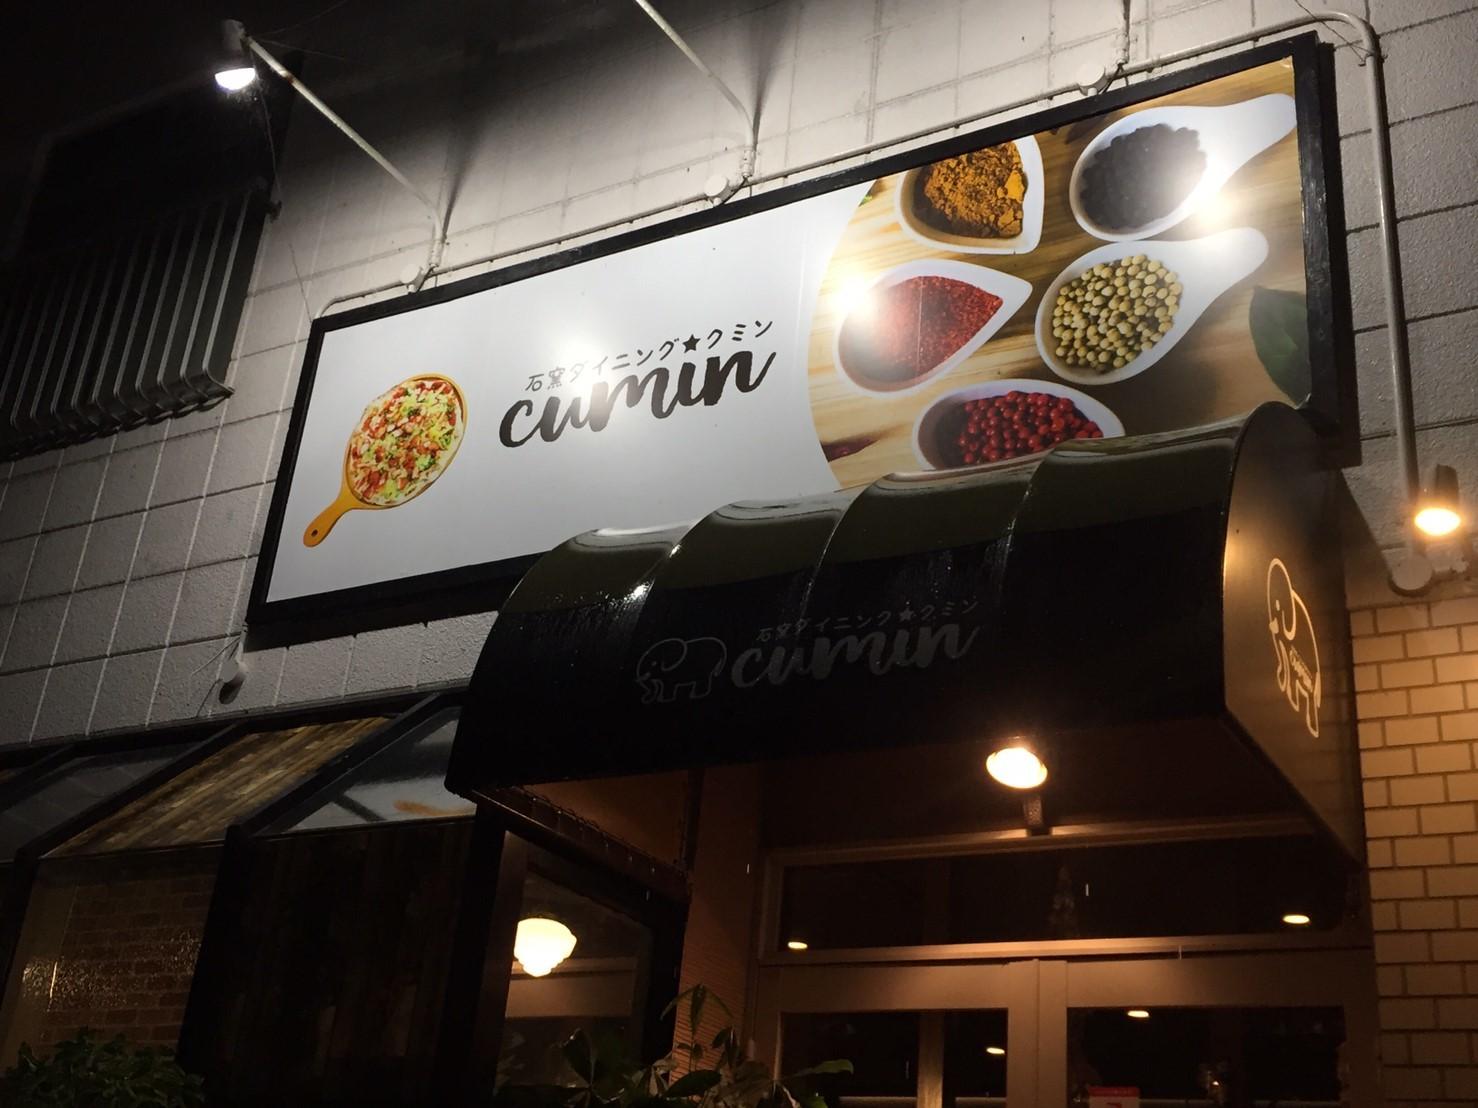 石窯ダイニング cumin  dinner_e0115904_09570205.jpg